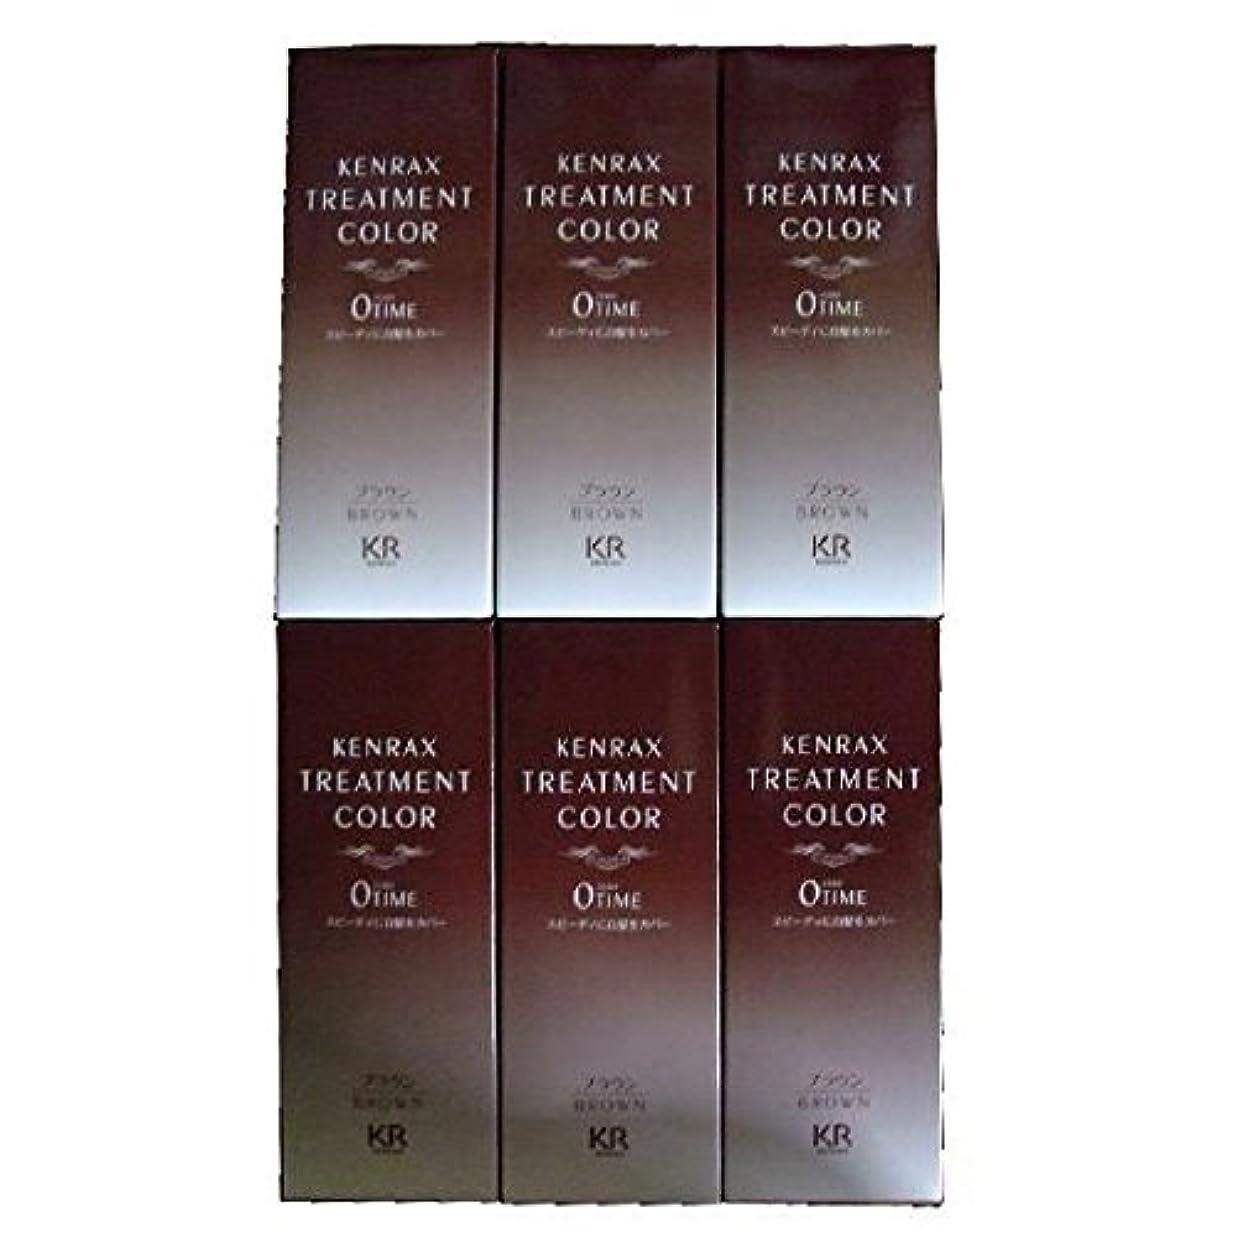 擬人化工業用色合いケンラックス トリートメントカラー ブラウン(染毛料)160g[ヘアマニキュアタイプ] 6個セット